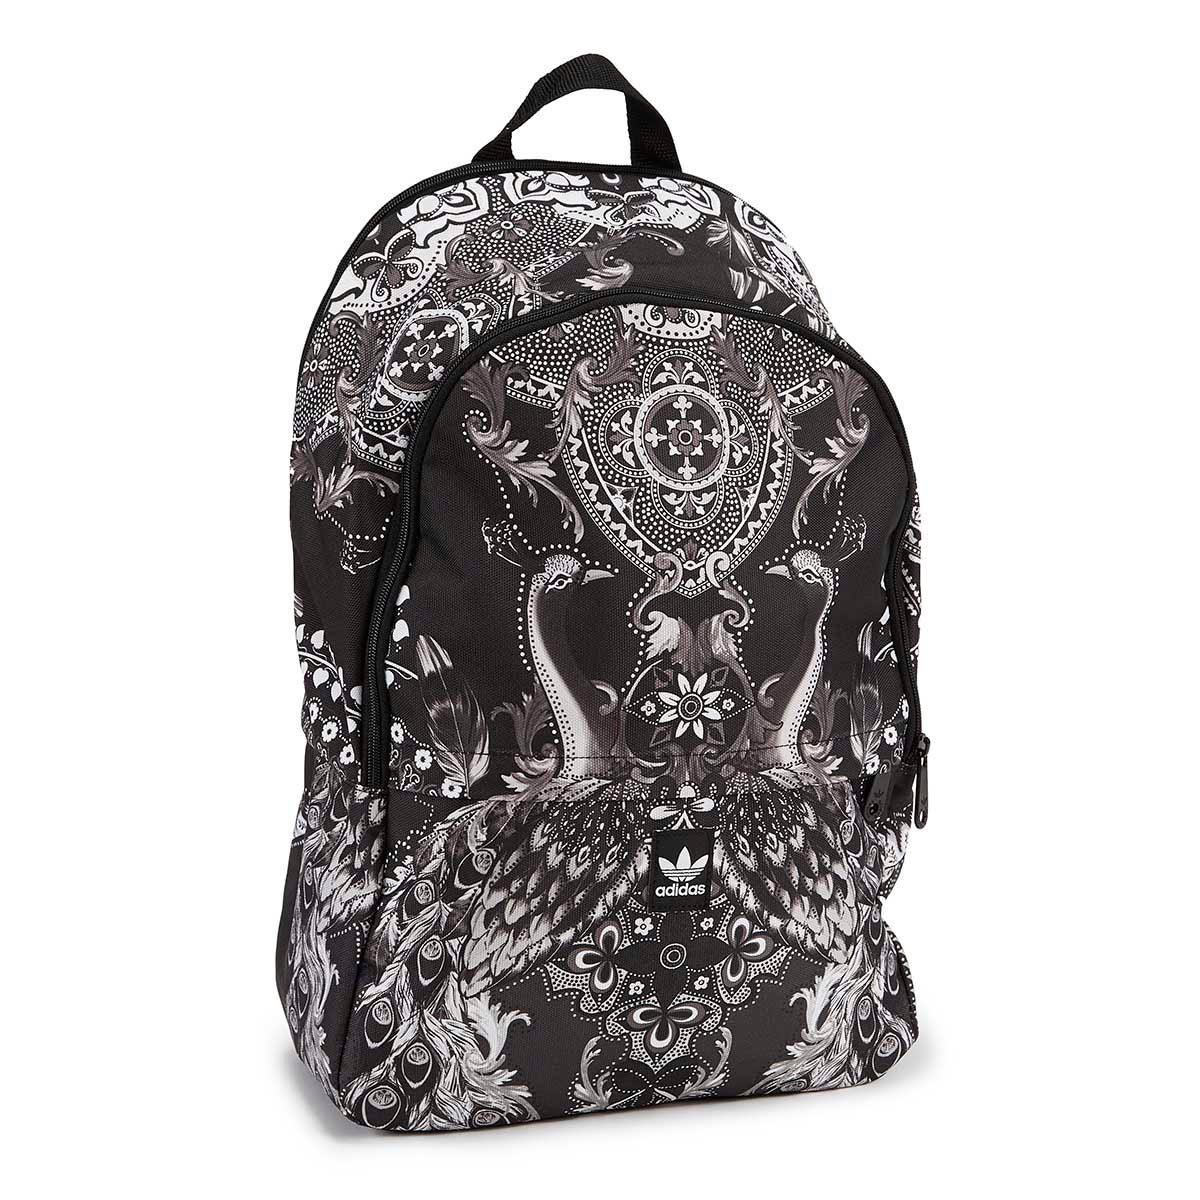 Lds Pavao De Cor blk/wht print backpack